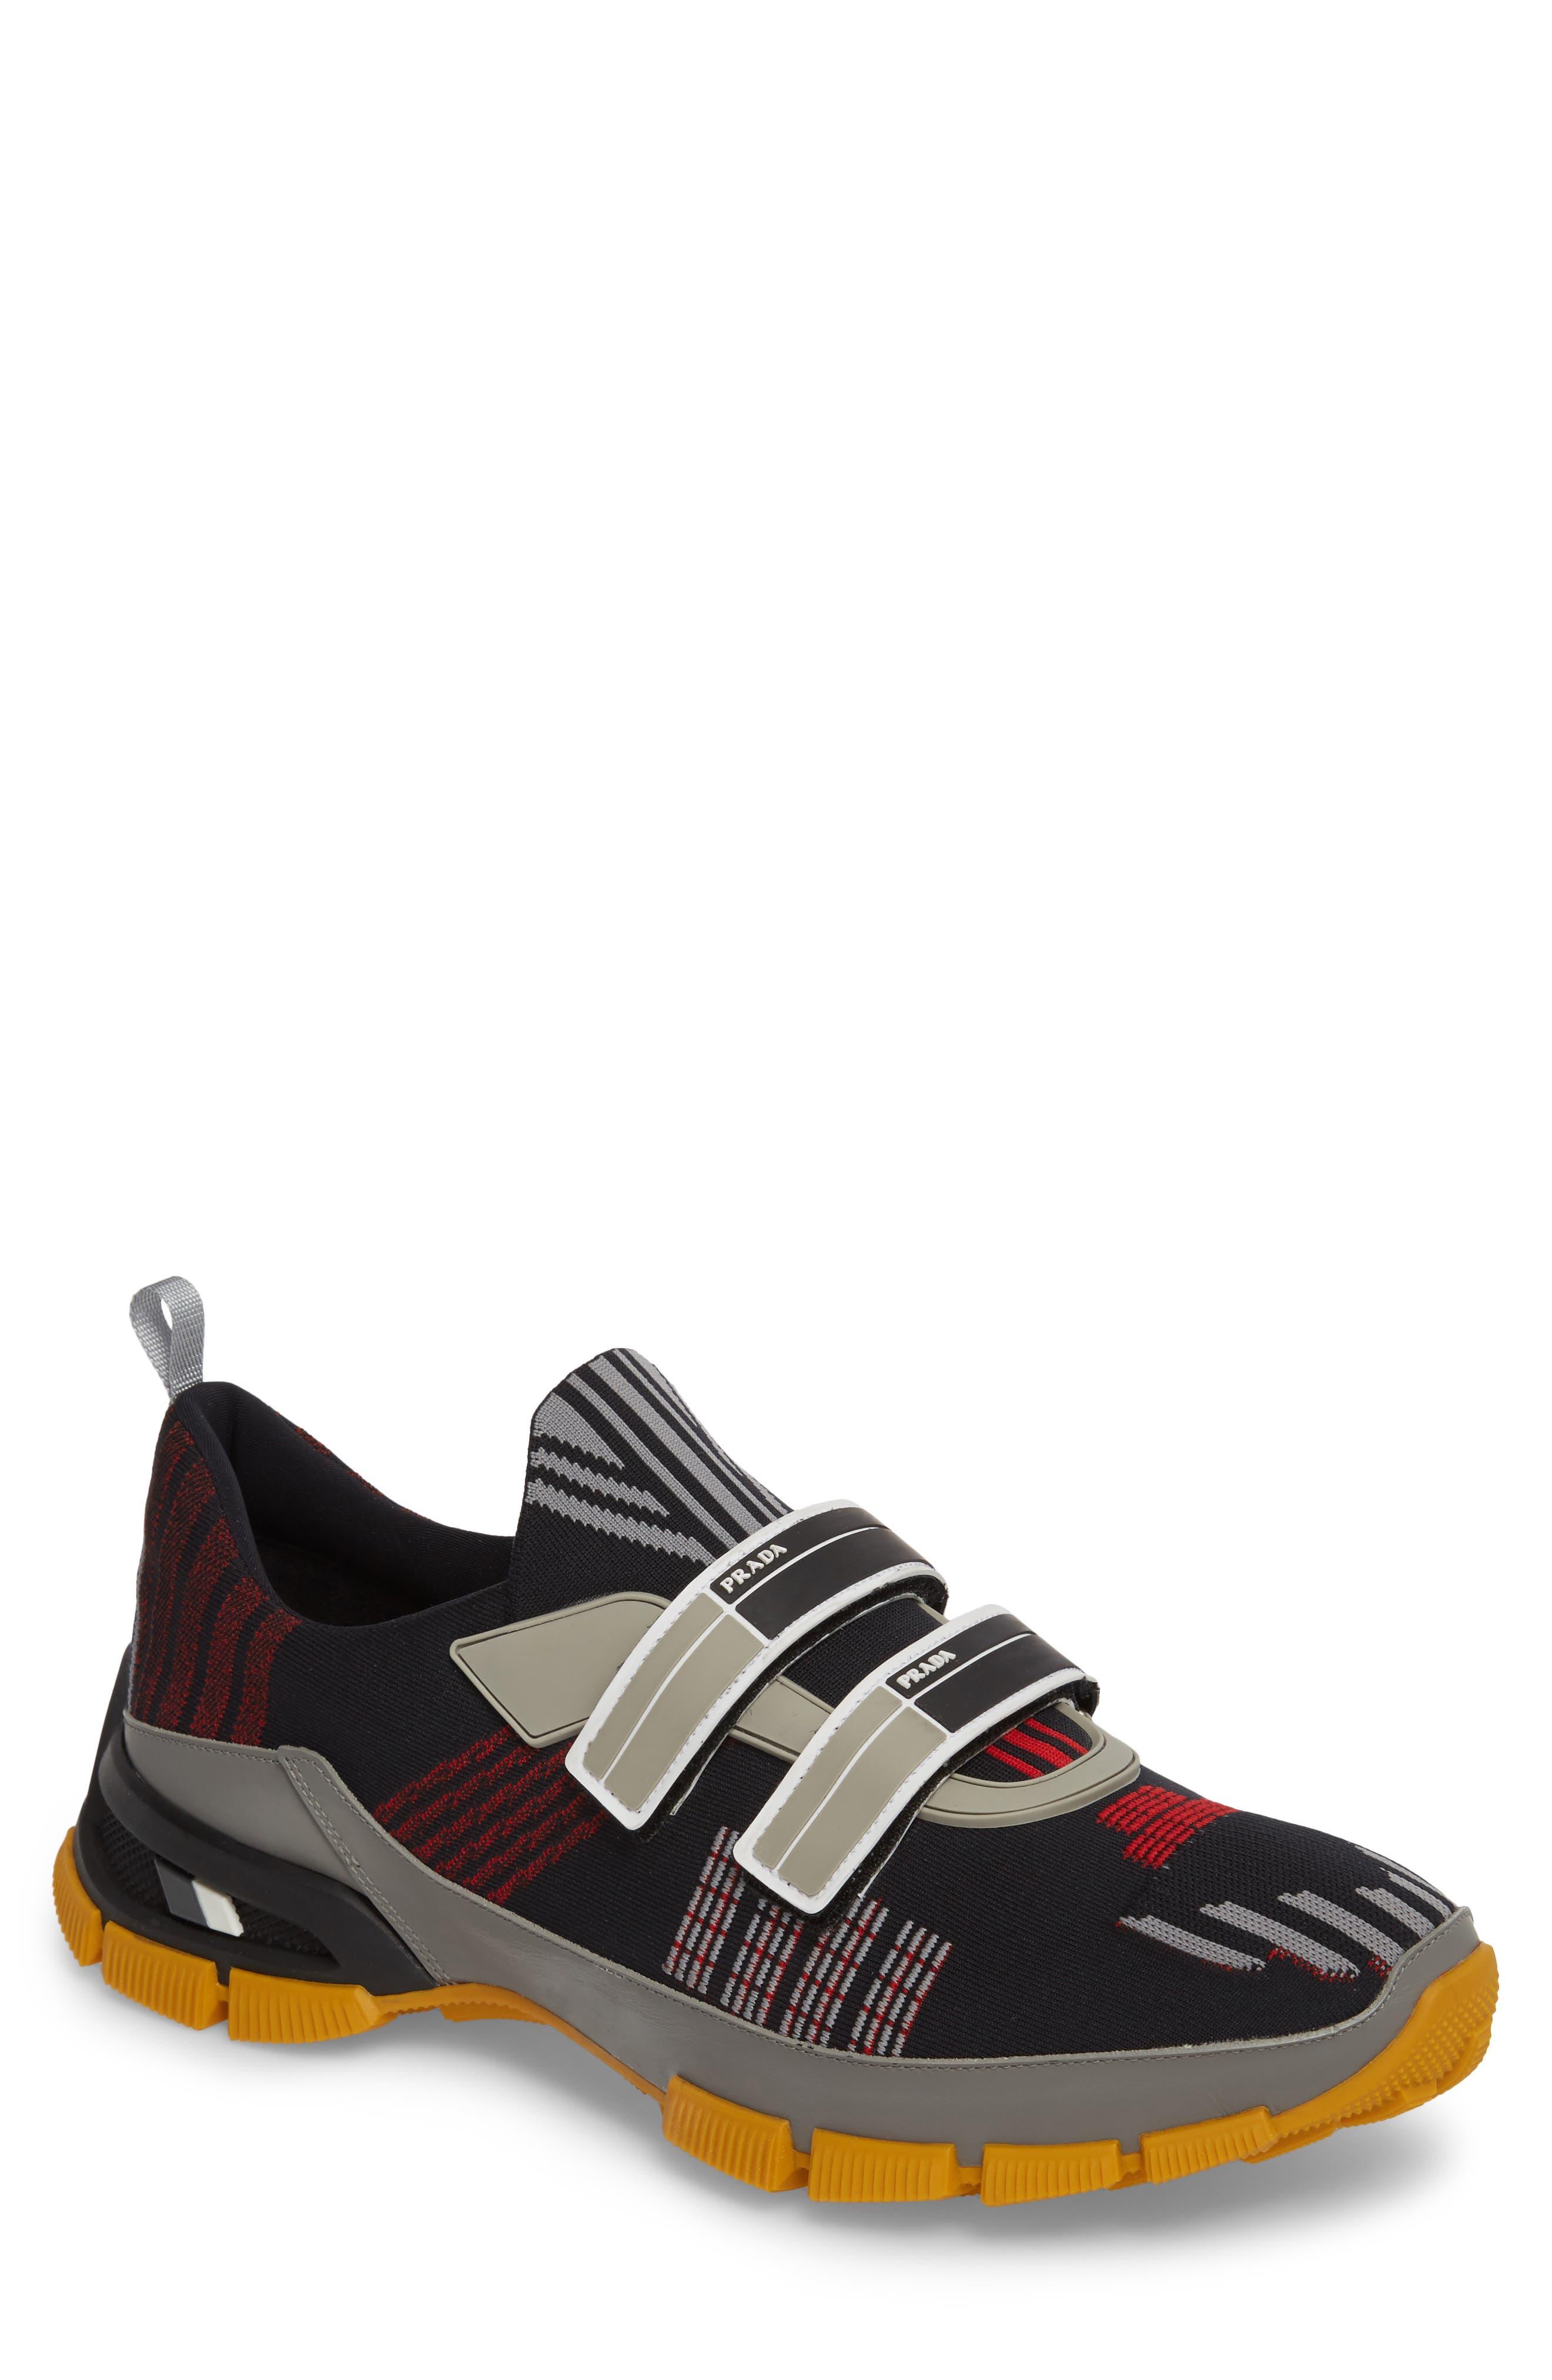 Linea Rossa Strap Sneaker,                         Main,                         color, 001